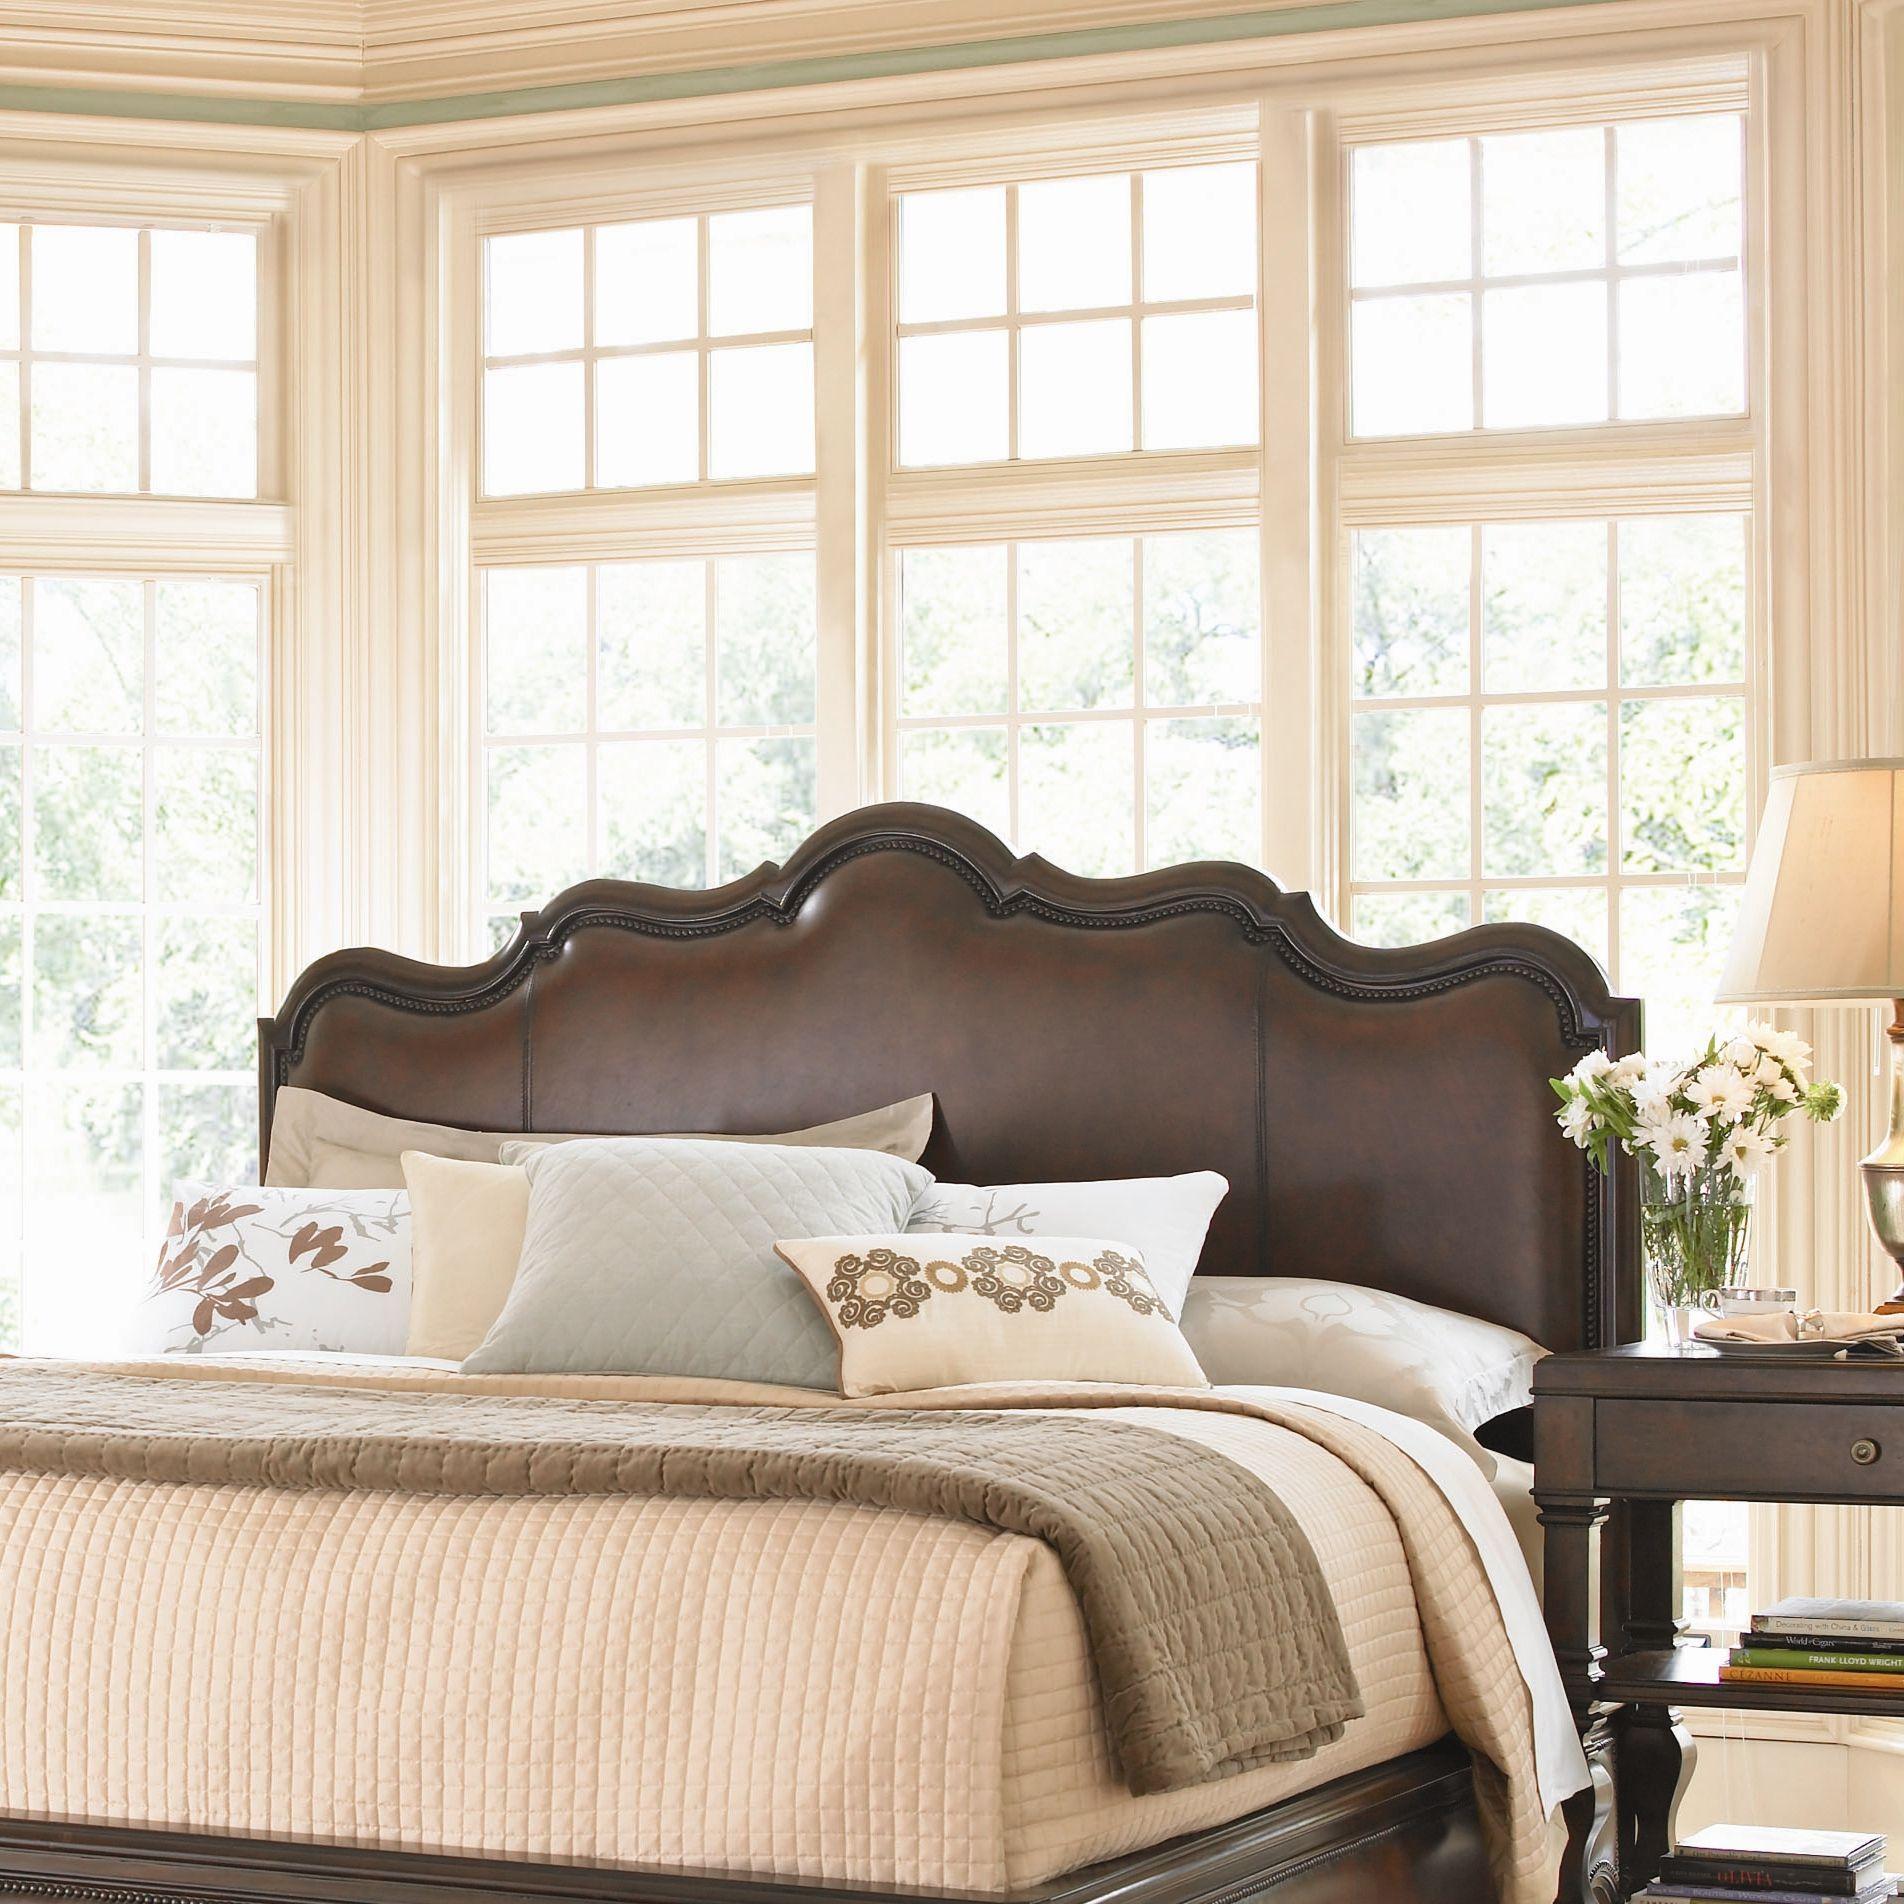 Master bedroom headboard  leather headboard  Bedrooms  Pinterest  Leather headboard Bed